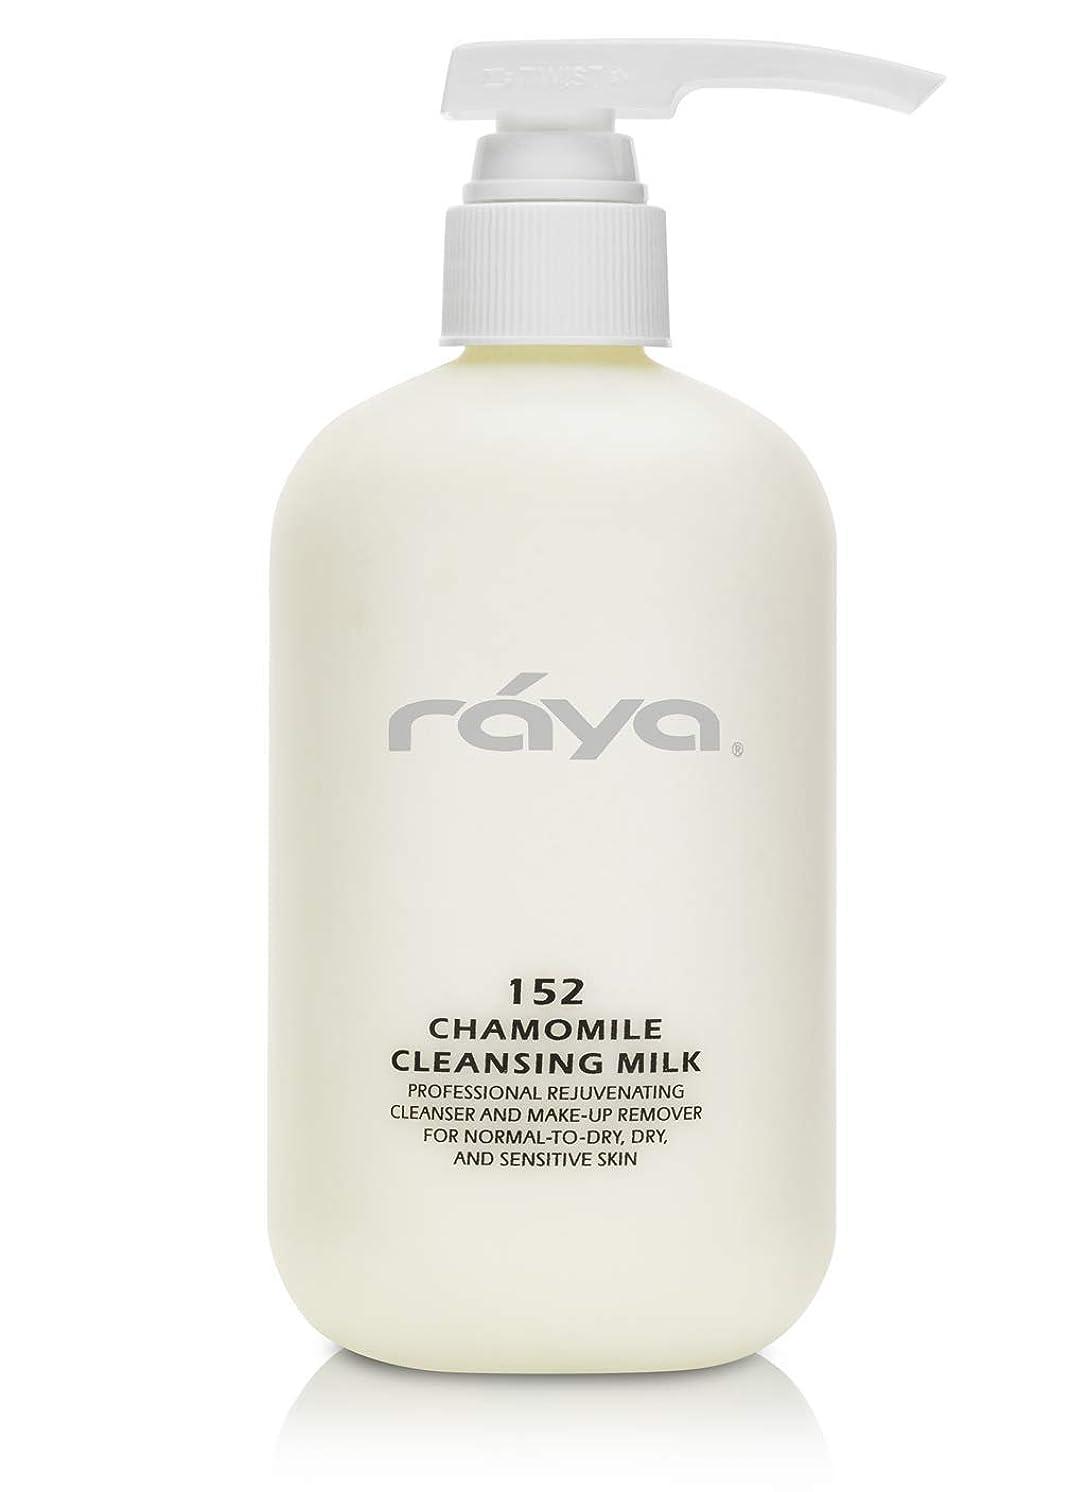 交換吹雪期限切れRaya カモミール洗顔ミルク (152) ジェントル、ソープフリーの液体クレンザーとメイクアップ乾燥肌や敏感肌のためのローションを削除 穏やかな炎症を助け、毛穴の絞り込み 16 fll-oz